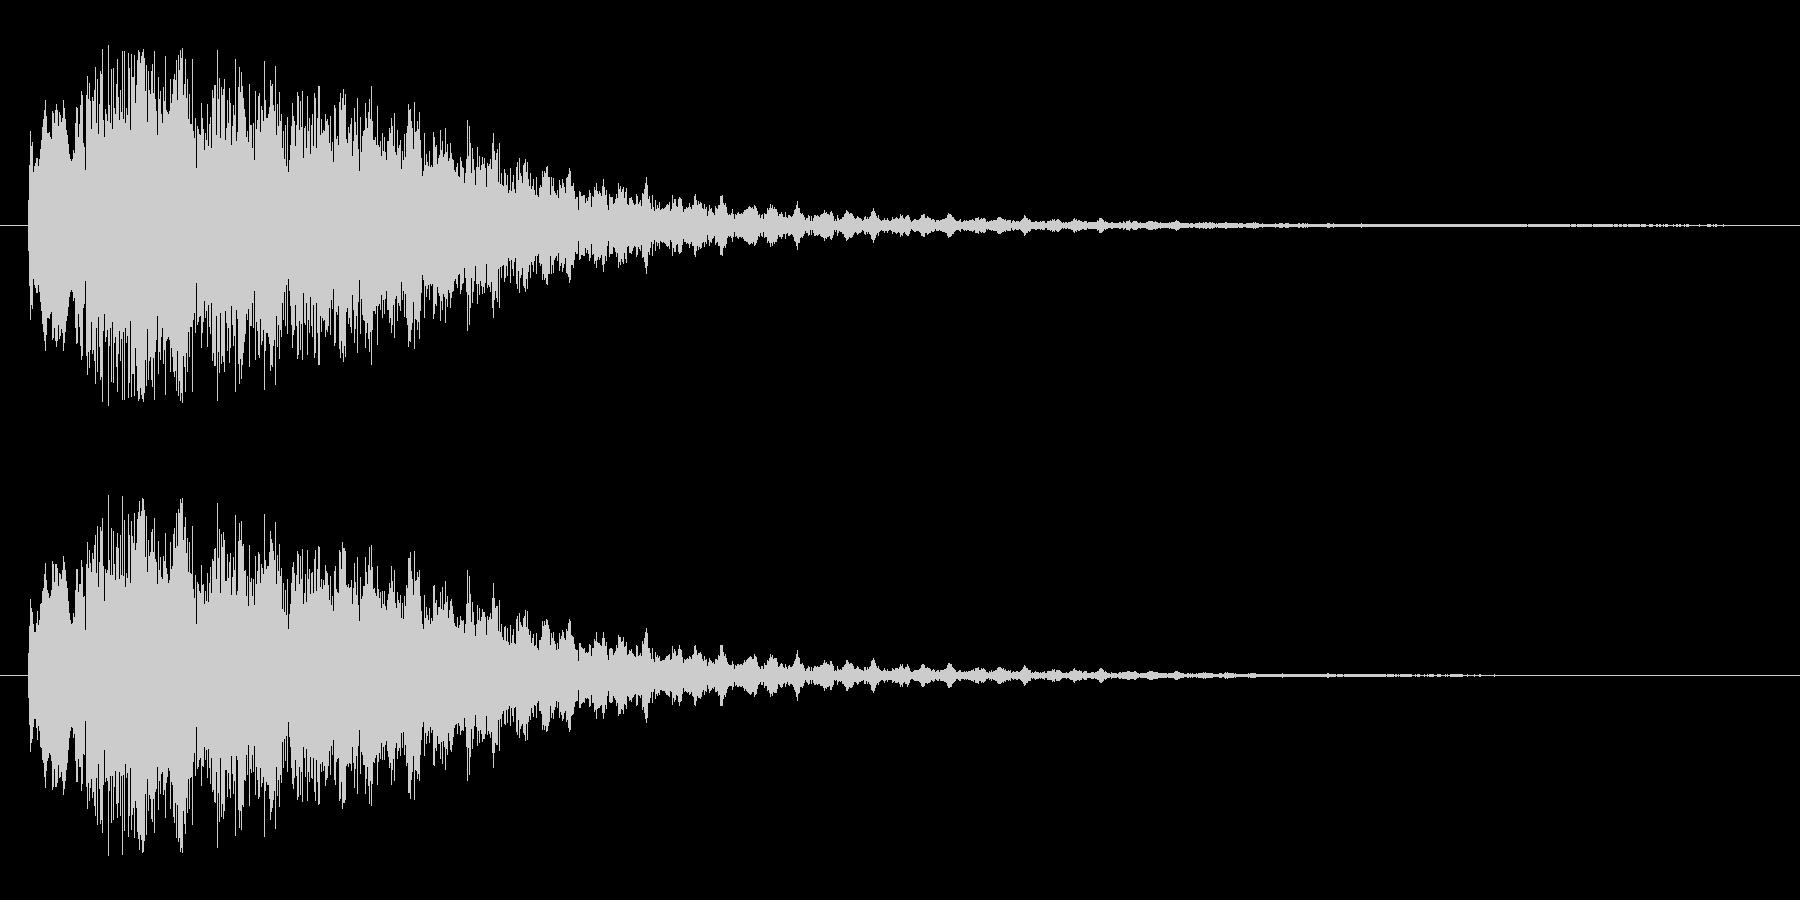 キャラリーン(突然訪れる)の未再生の波形